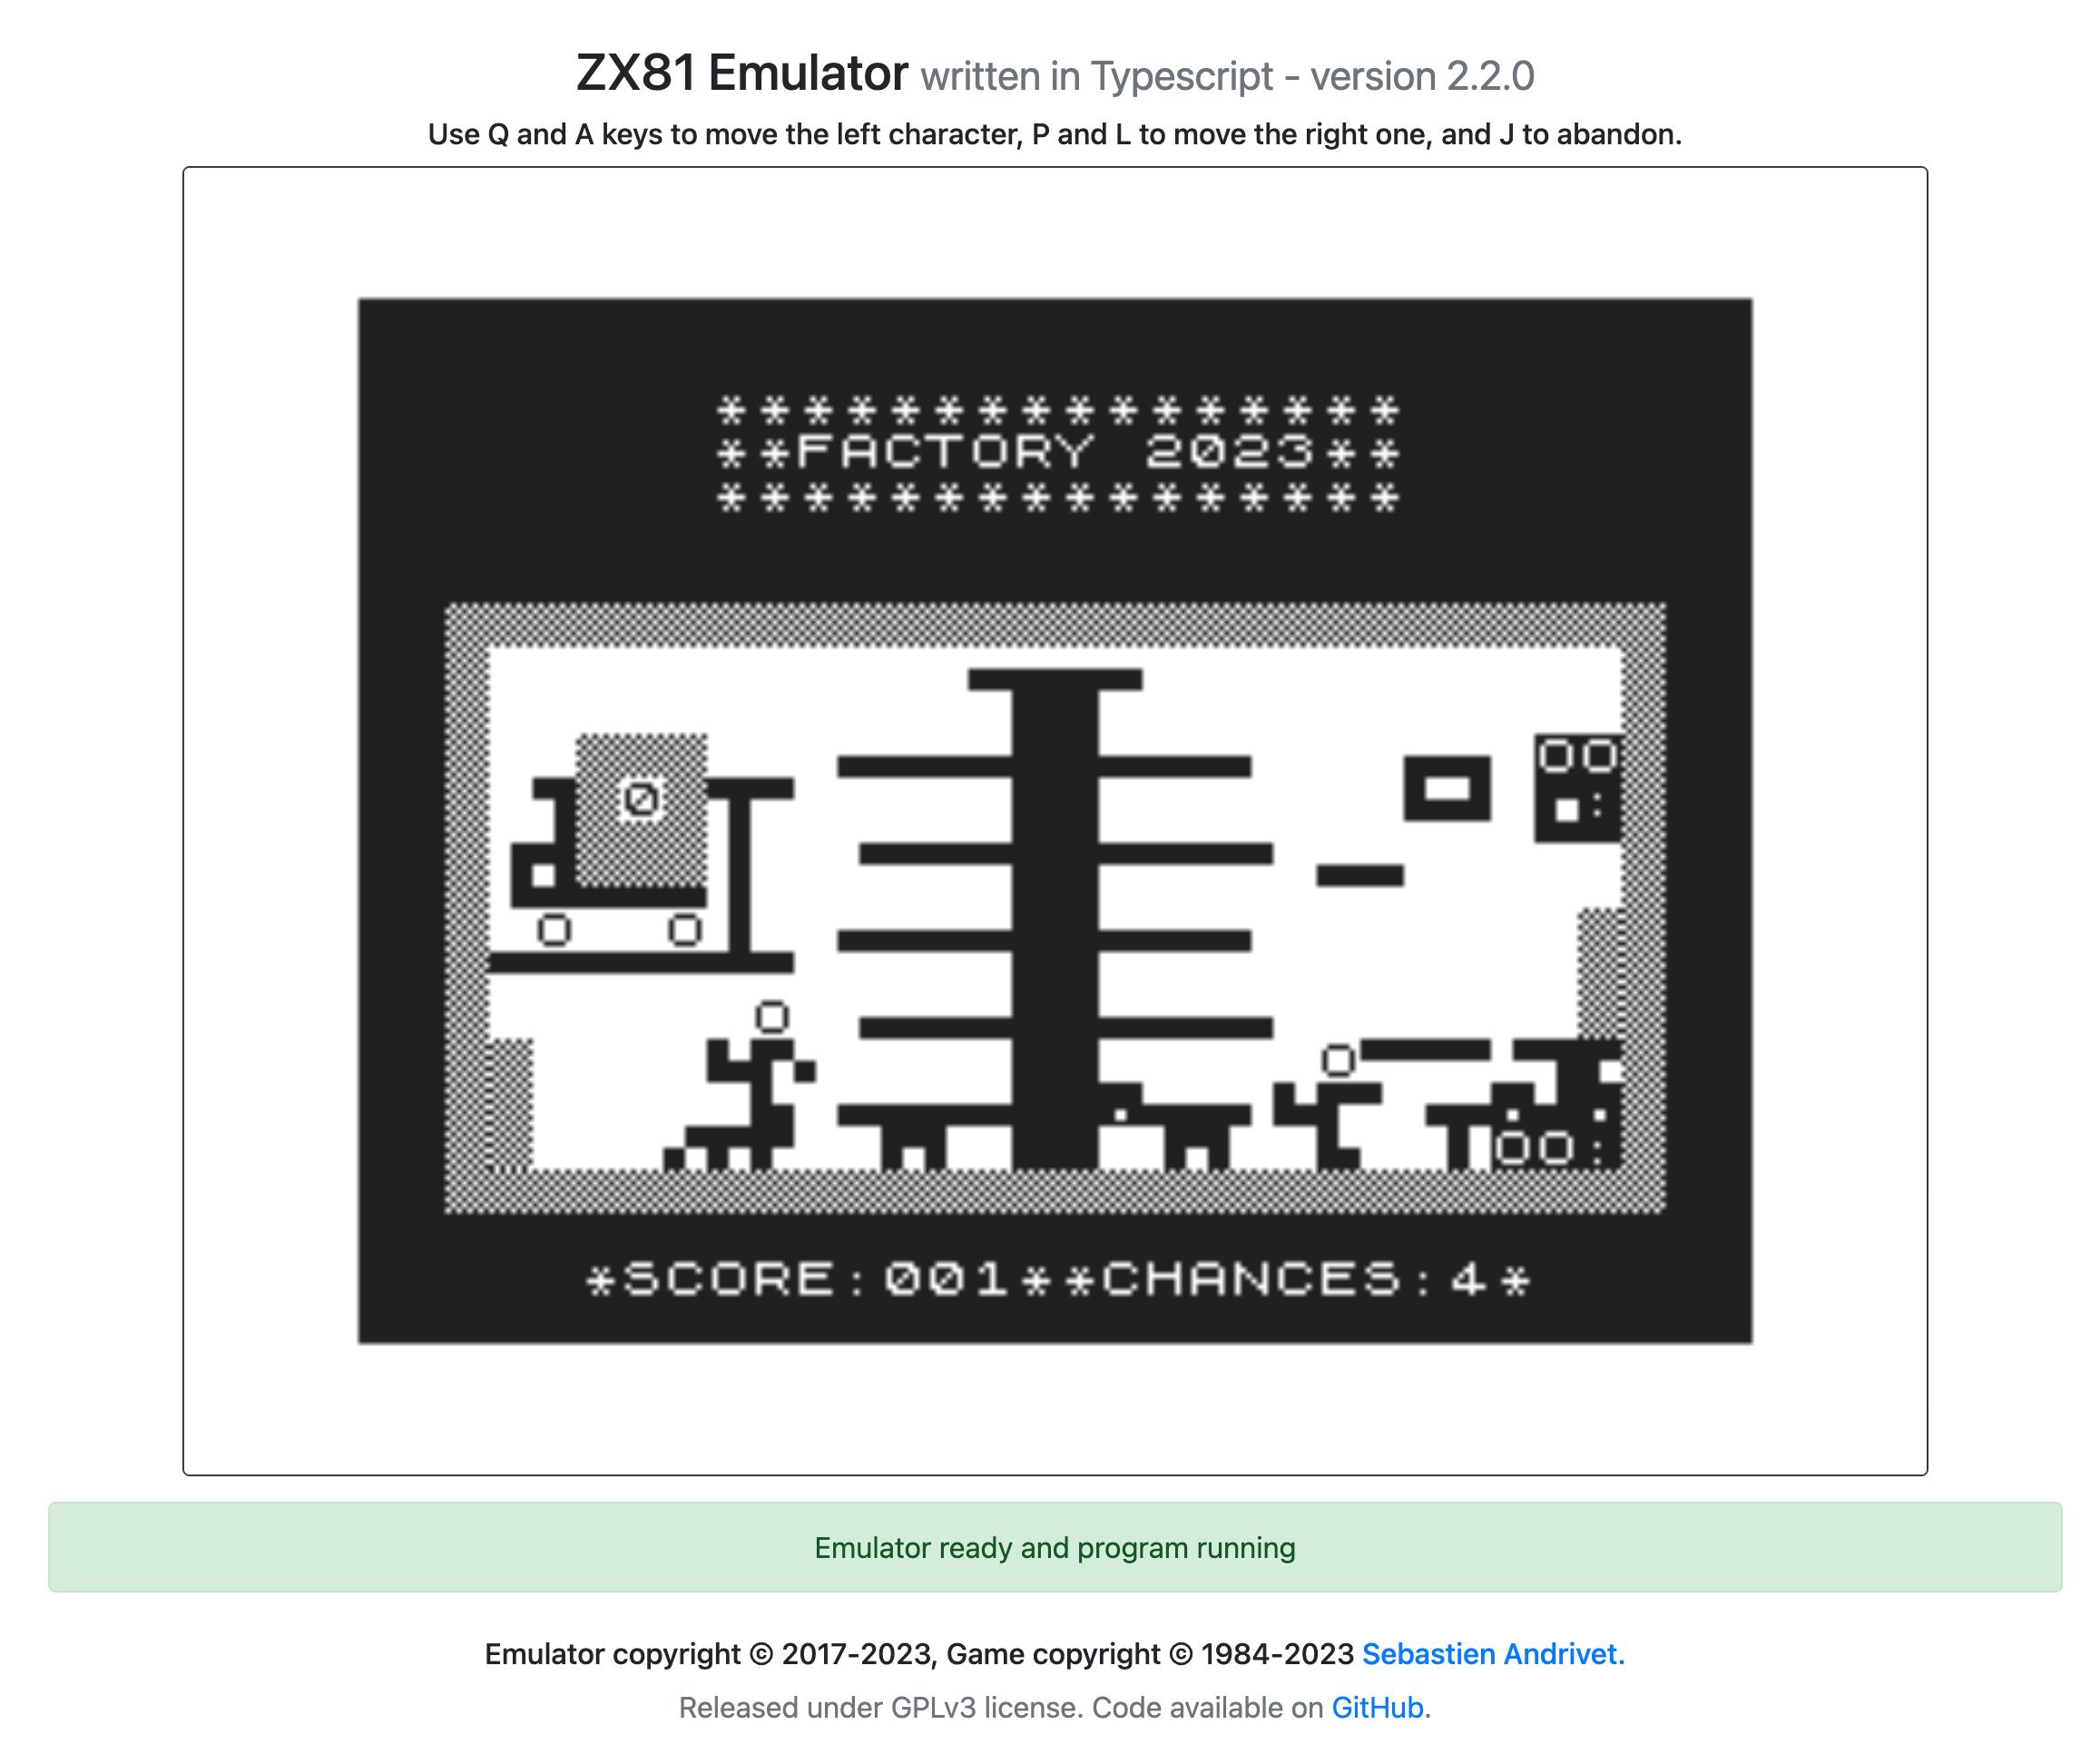 EmuCR: ZX81